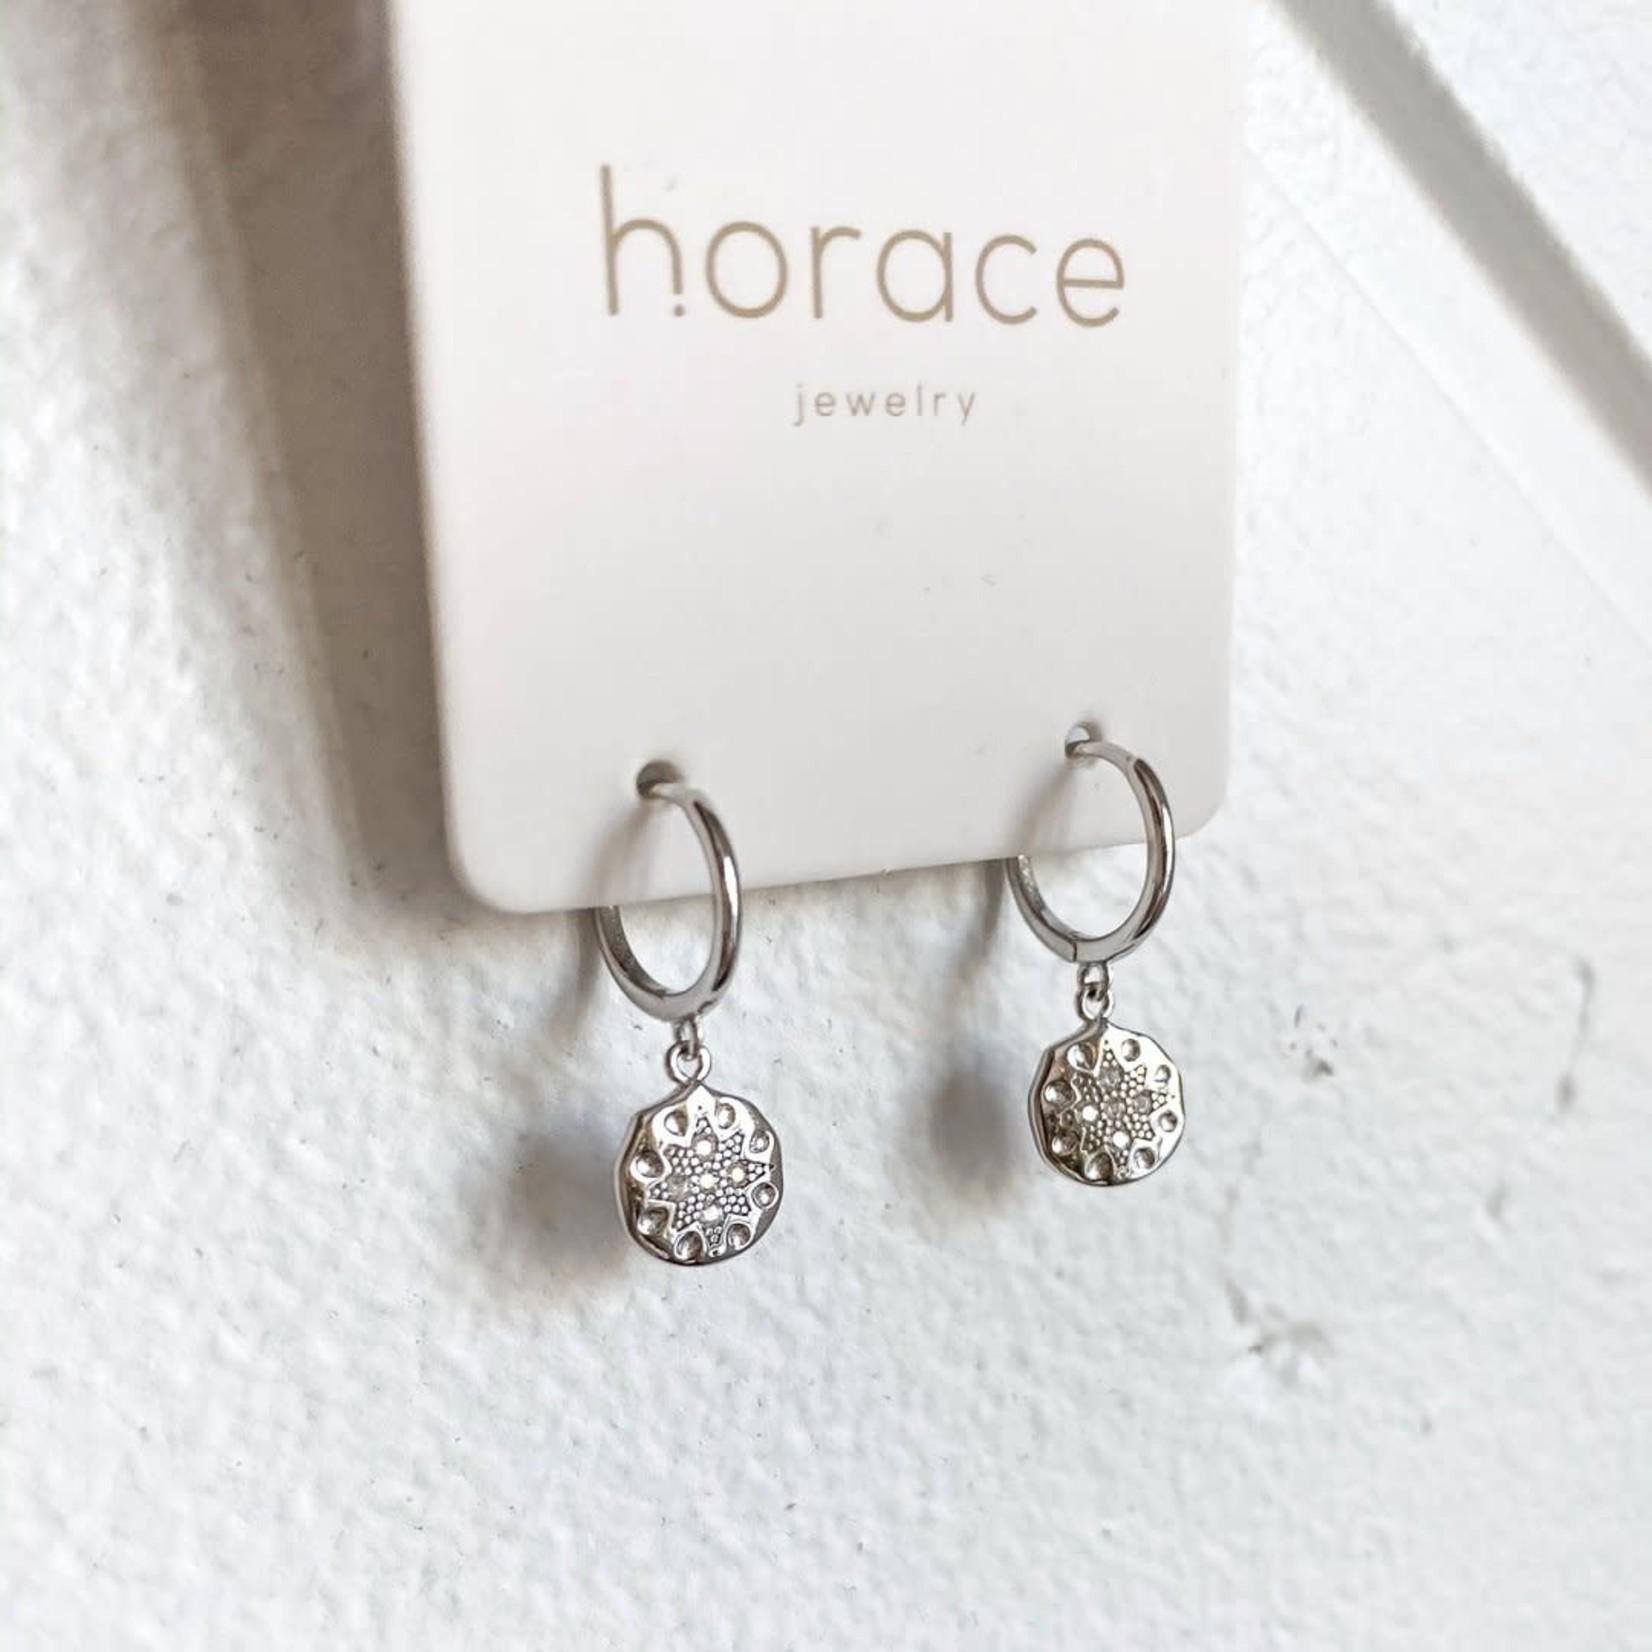 Horace Jewelry Horace boucles d'oreilles DIA